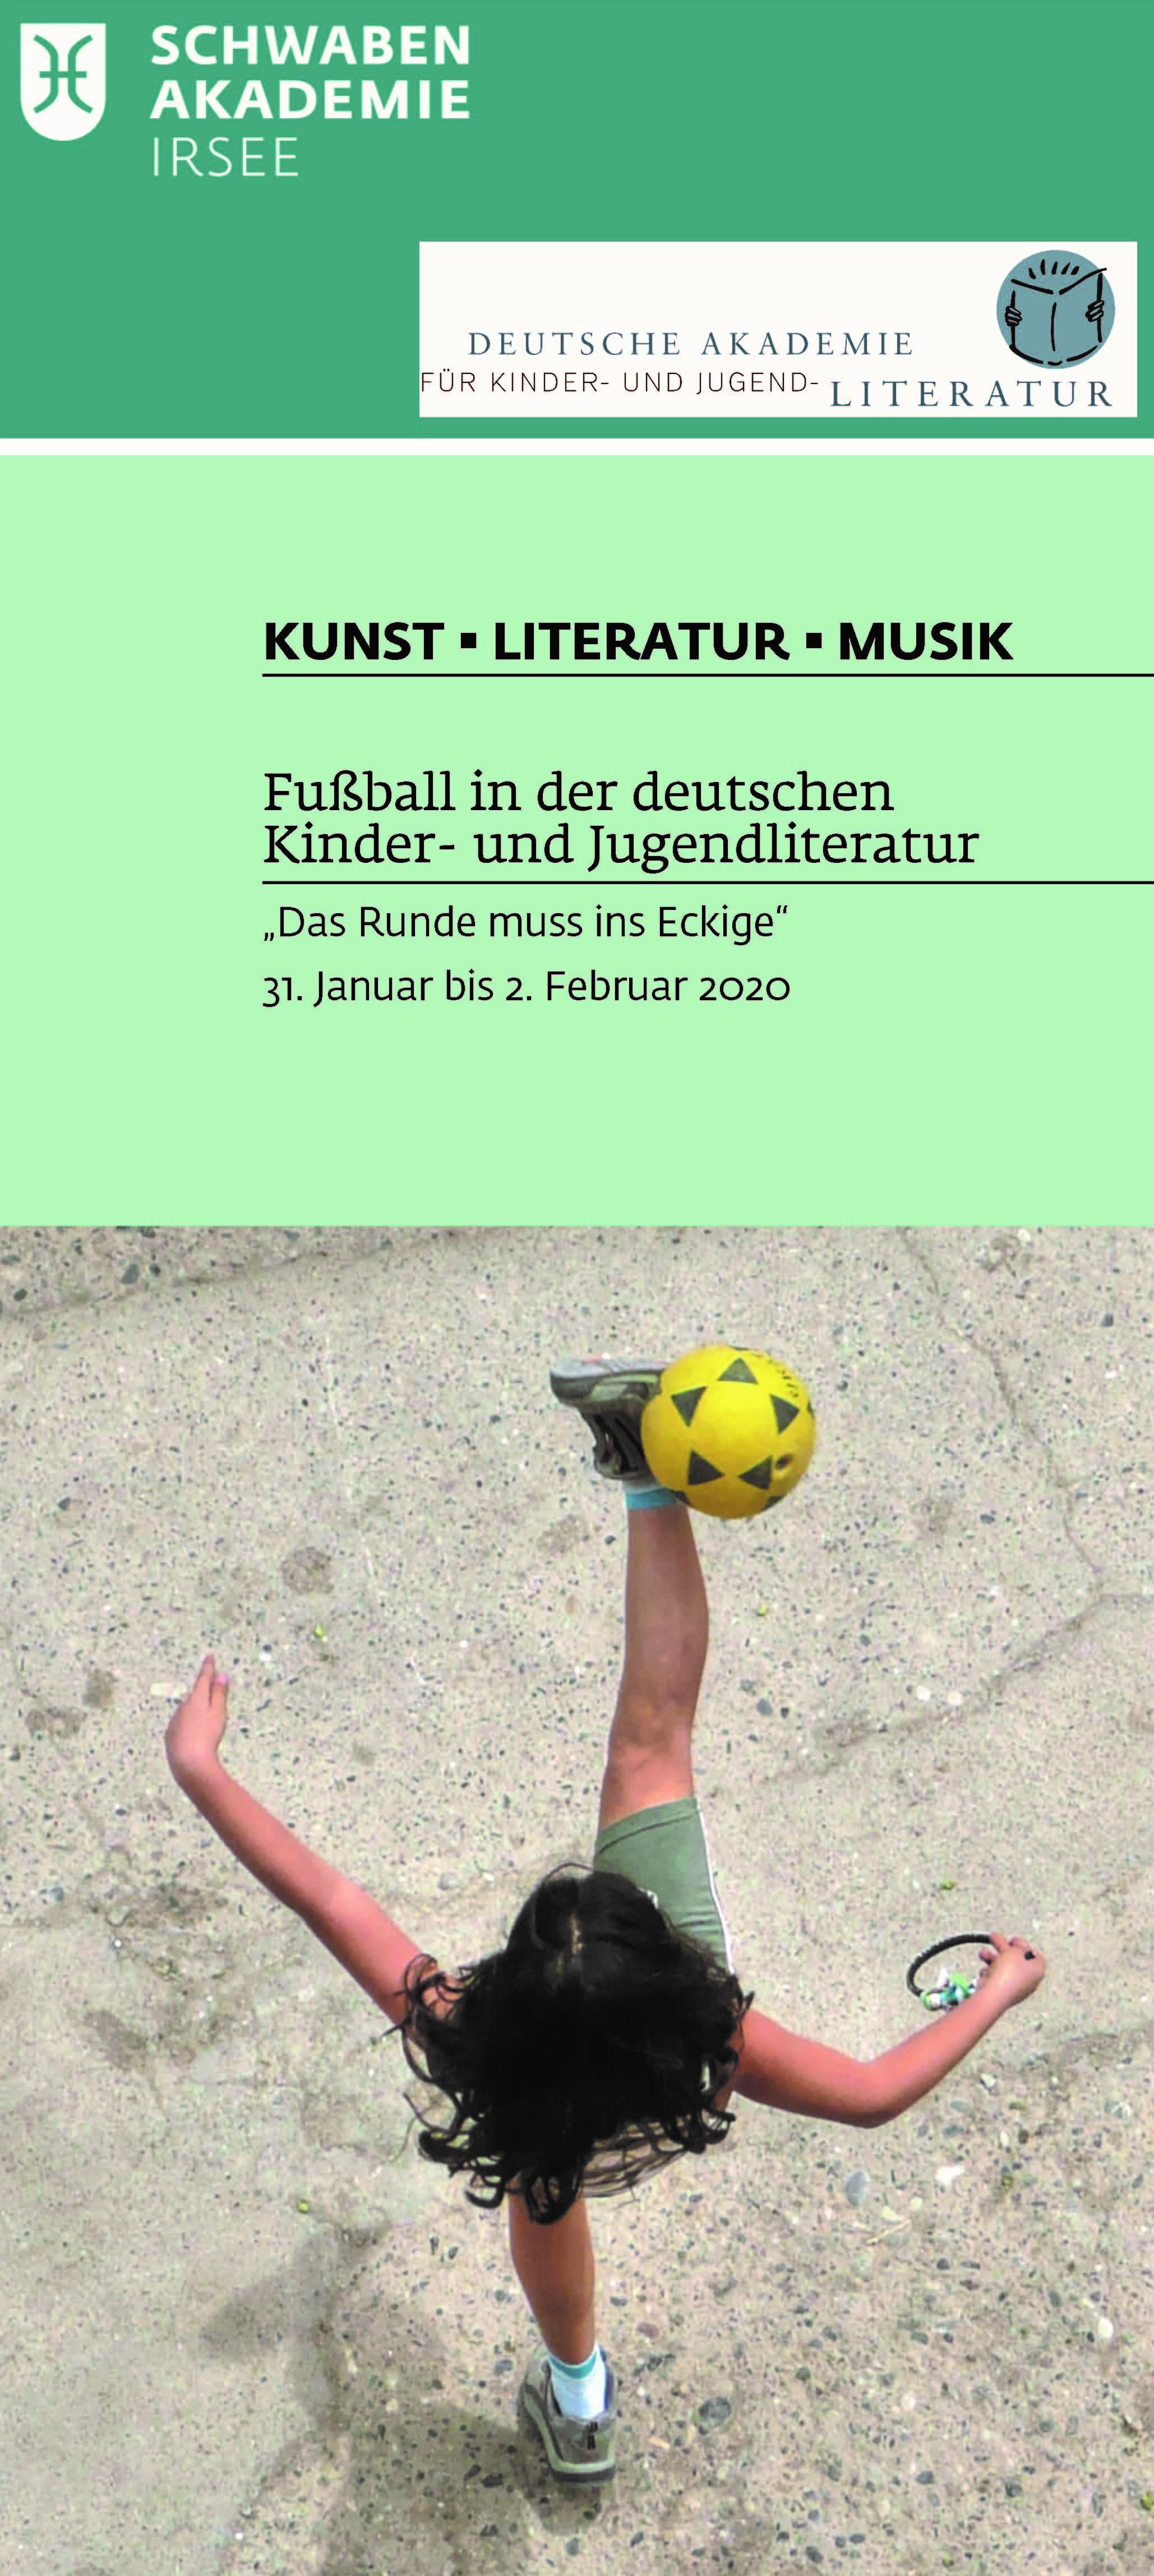 Fußball und Kinderliteratur